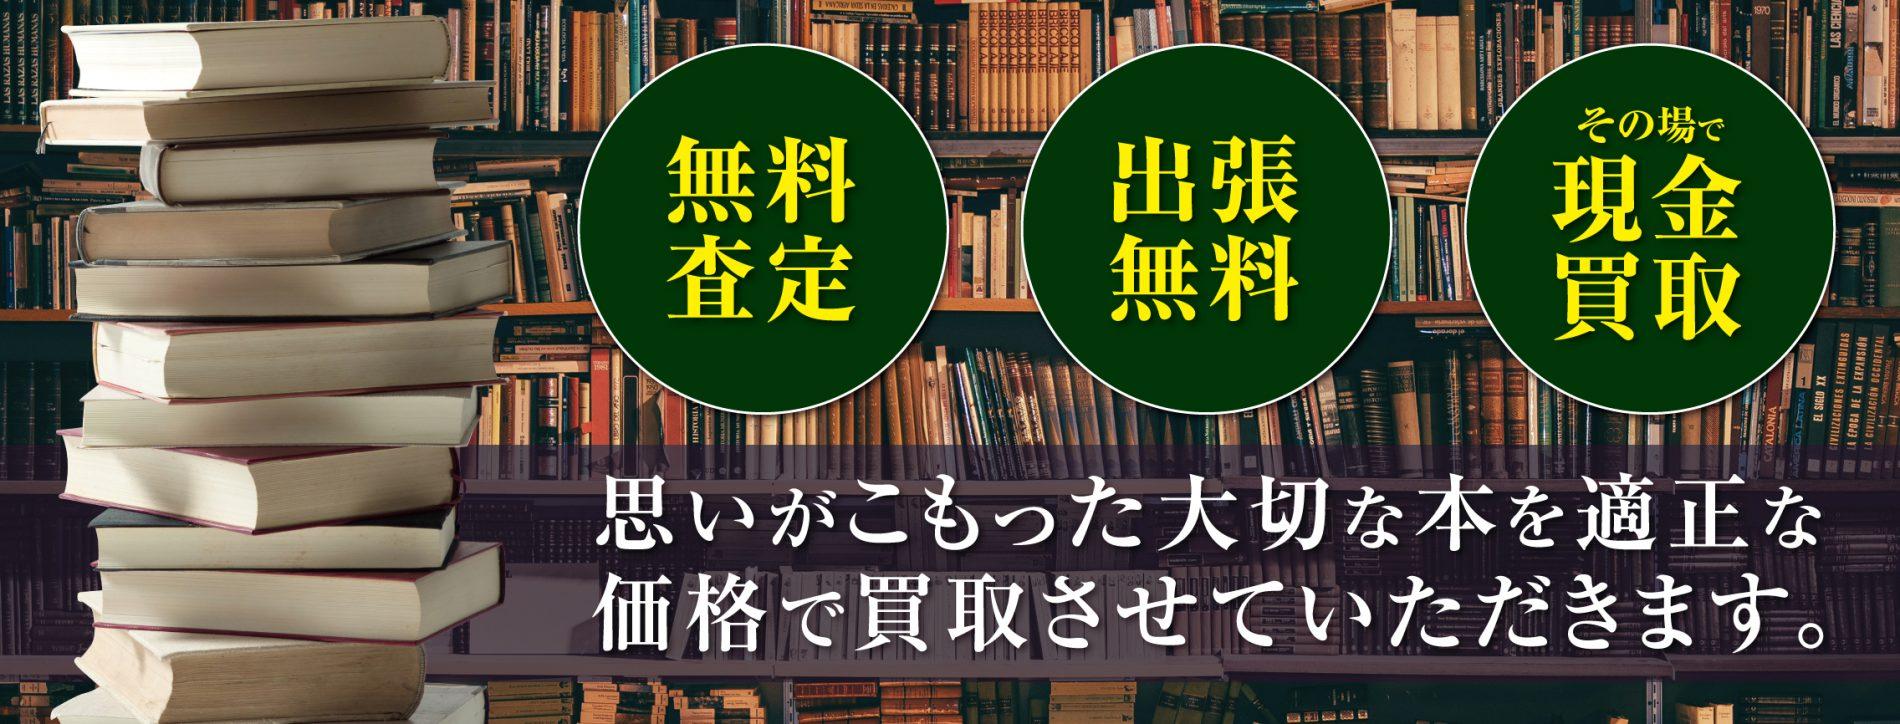 神戸の古本屋で出張買取をお探しならカラト書房